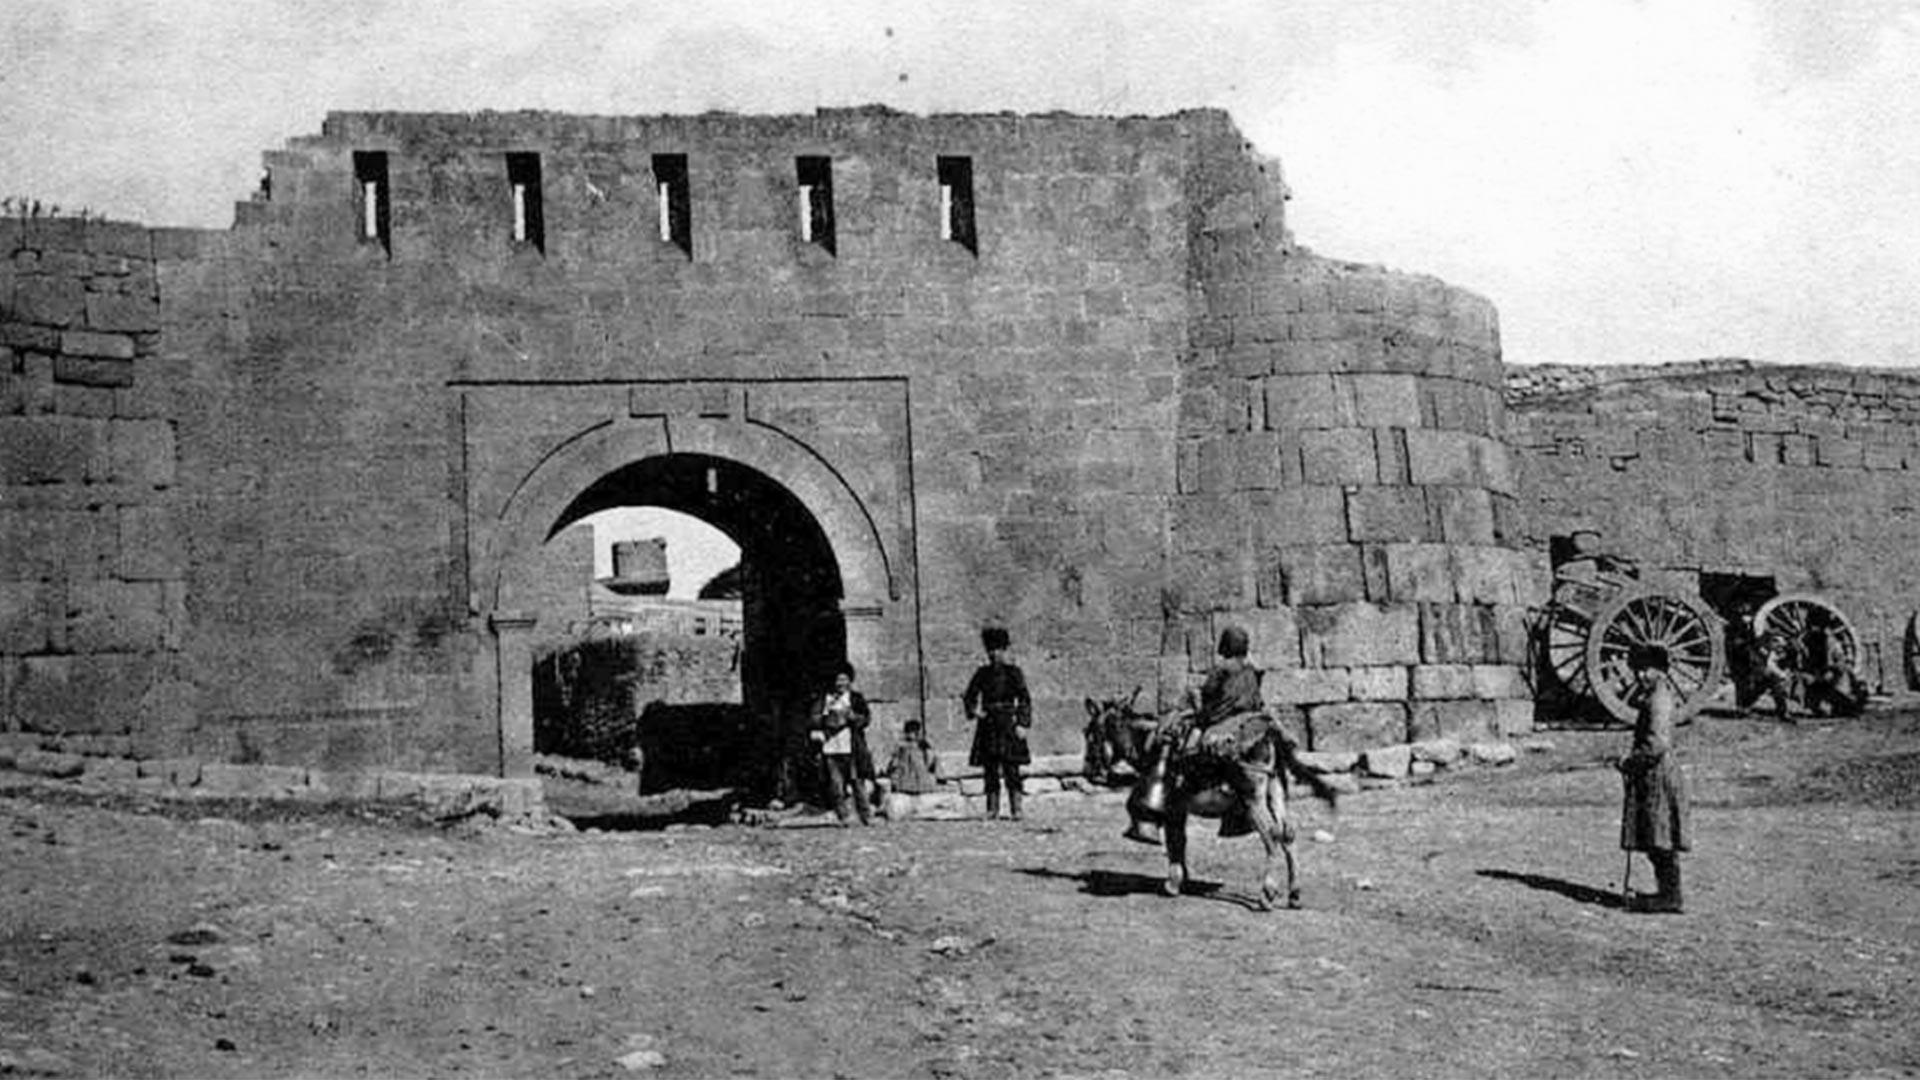 En 1222, l'armée de Gengis Khan est apparue devant les murs de la cité. Au début, cette dernière a réussi à repousser les Mongols, mais en 1239, Derbent est finalement tombée.